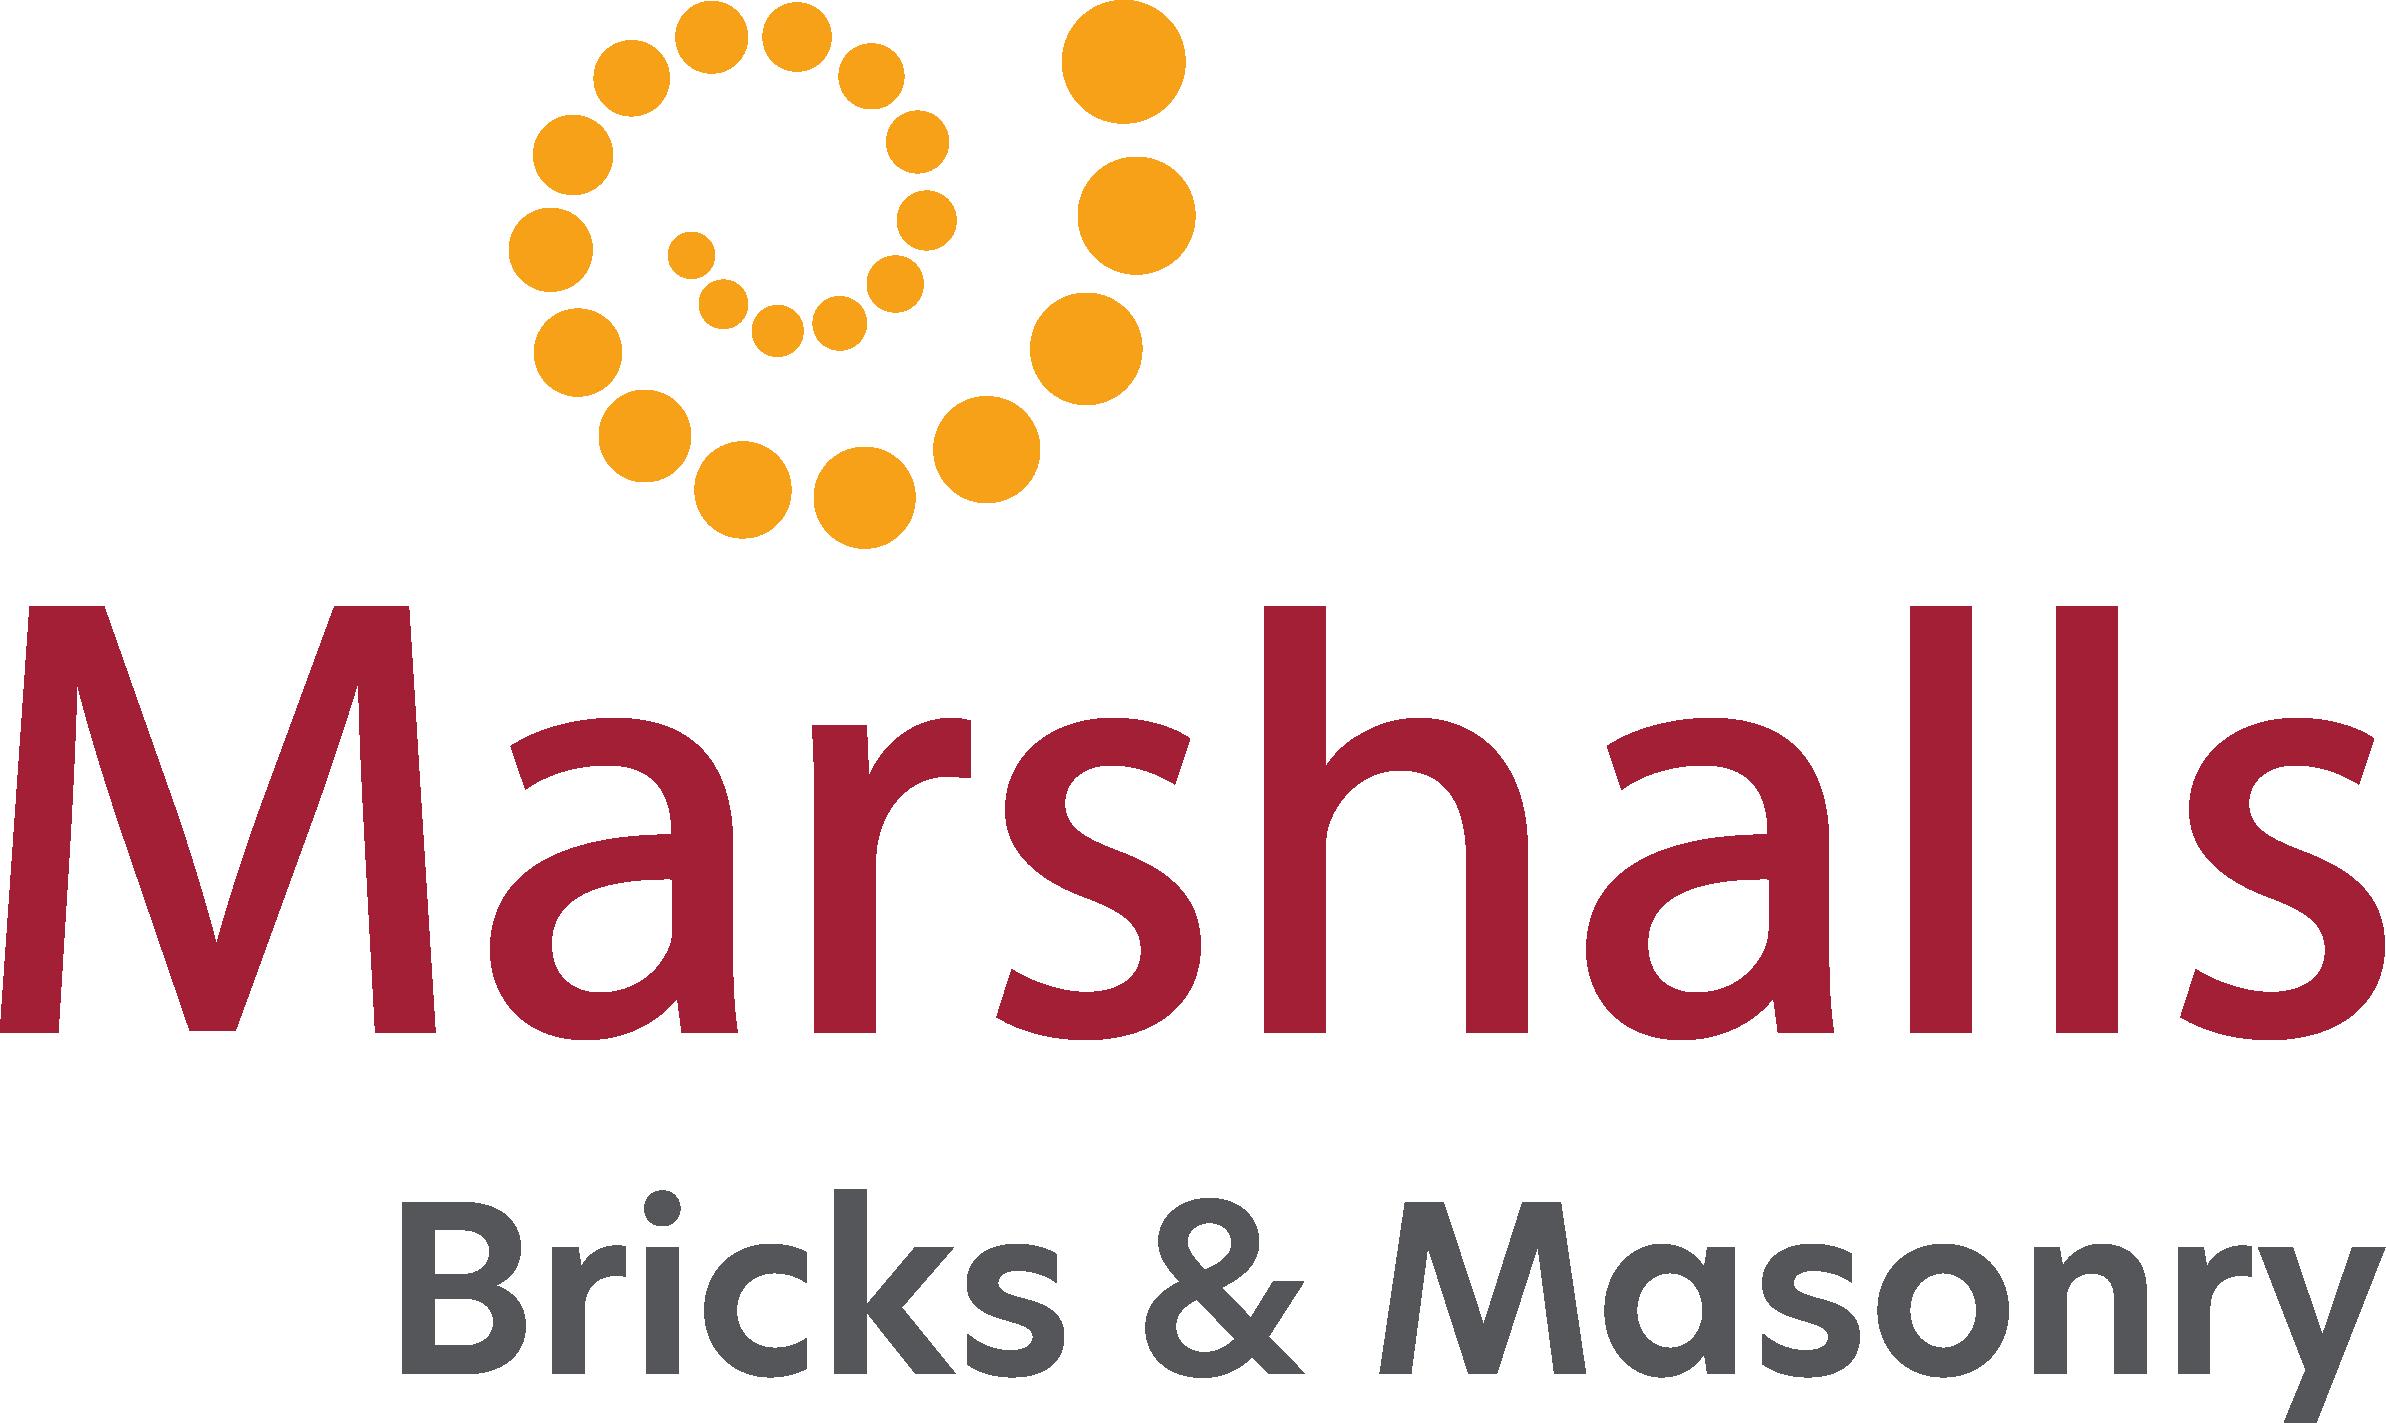 Marshalls Bricks and Masonry (formally GreconUK)